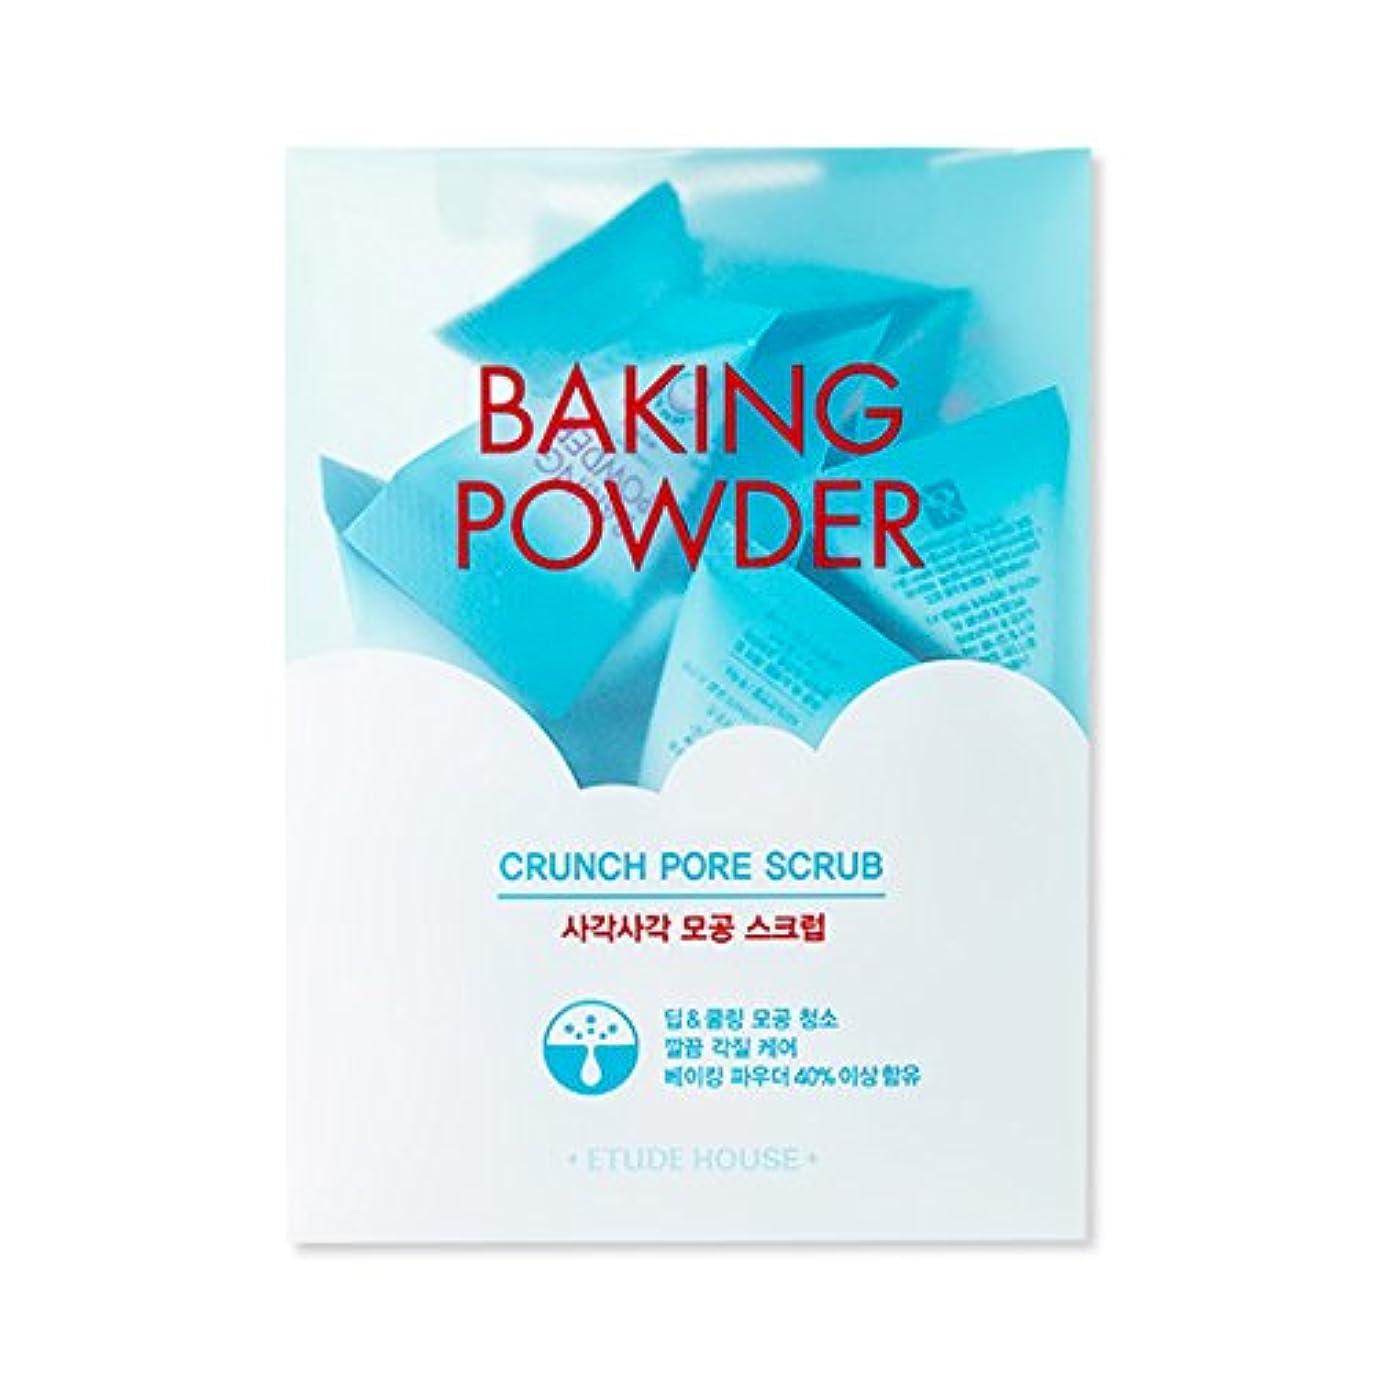 民間人ボルト切る[2016 Upgrade!] ETUDE HOUSE Baking Powder Crunch Pore Scrub 7g×24ea/エチュードハウス ベーキング パウダー クランチ ポア スクラブ 7g×24ea [...